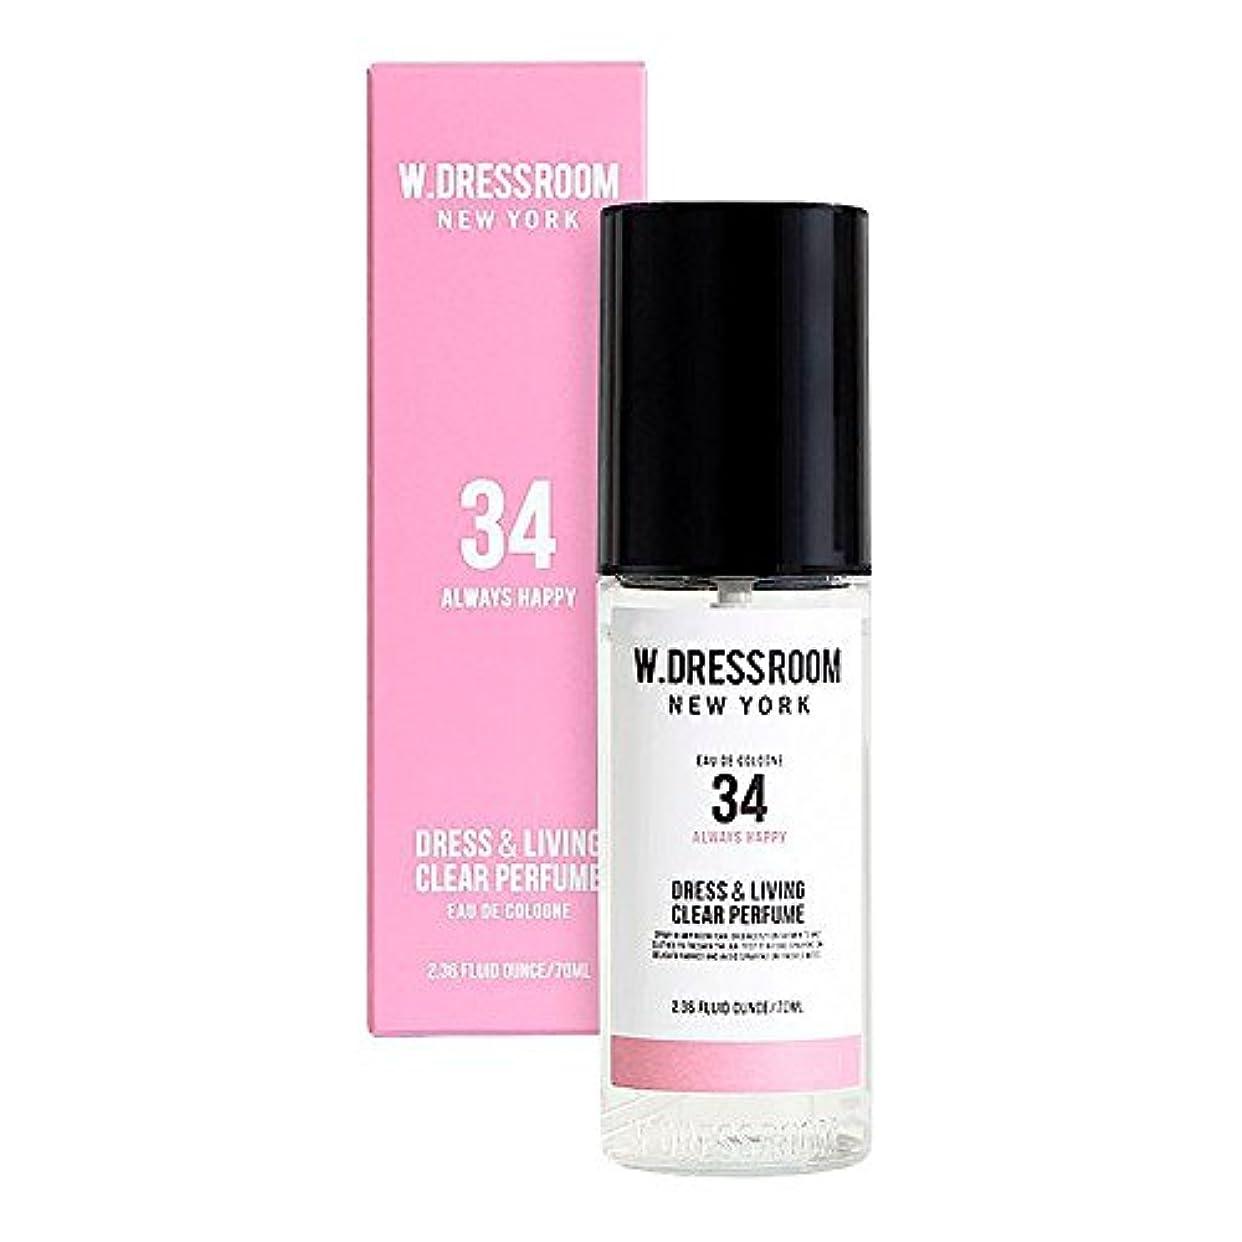 眼寺院バトルW.DRESSROOM Dress & Living Clear Perfume fragrance 70ml (#No.34 Always Happy)/ダブルドレスルーム ドレス&リビング クリア パフューム 70ml...